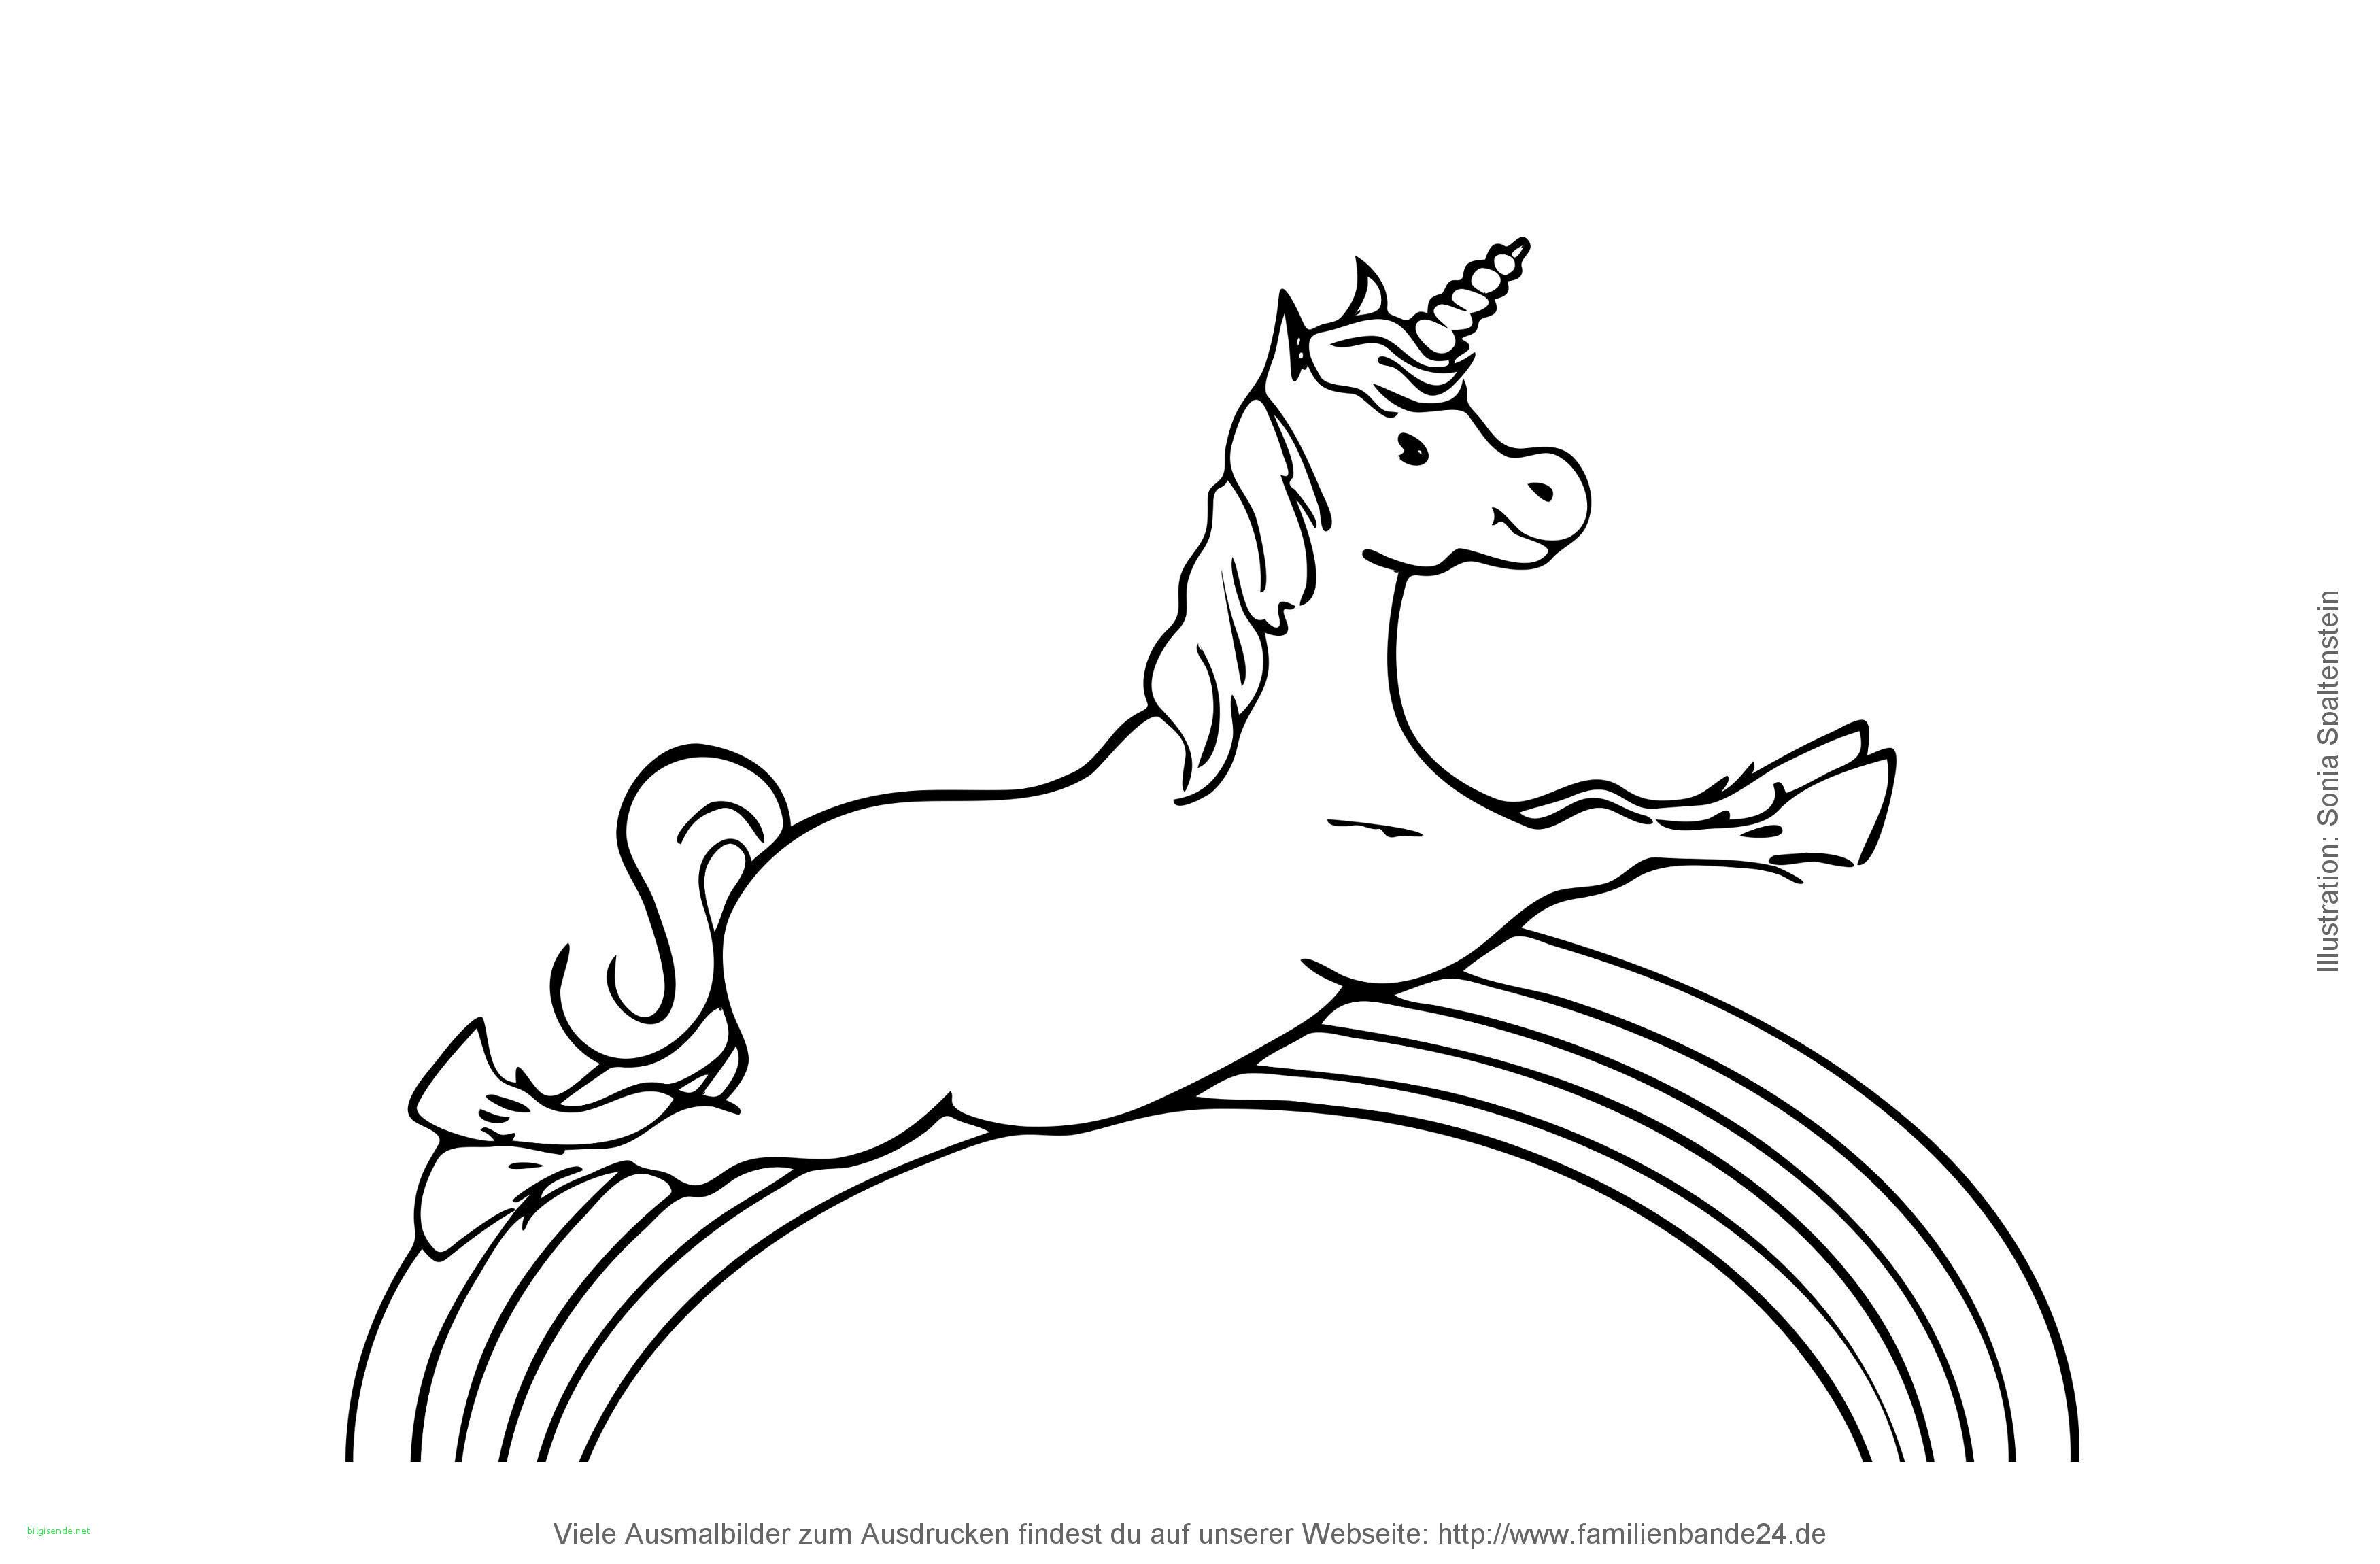 My Little Pony Friendship is Magic Ausmalbilder Neu My Little Pony Friendship is Magic Ausmalbilder Luxus 45 Einzigartig Das Bild